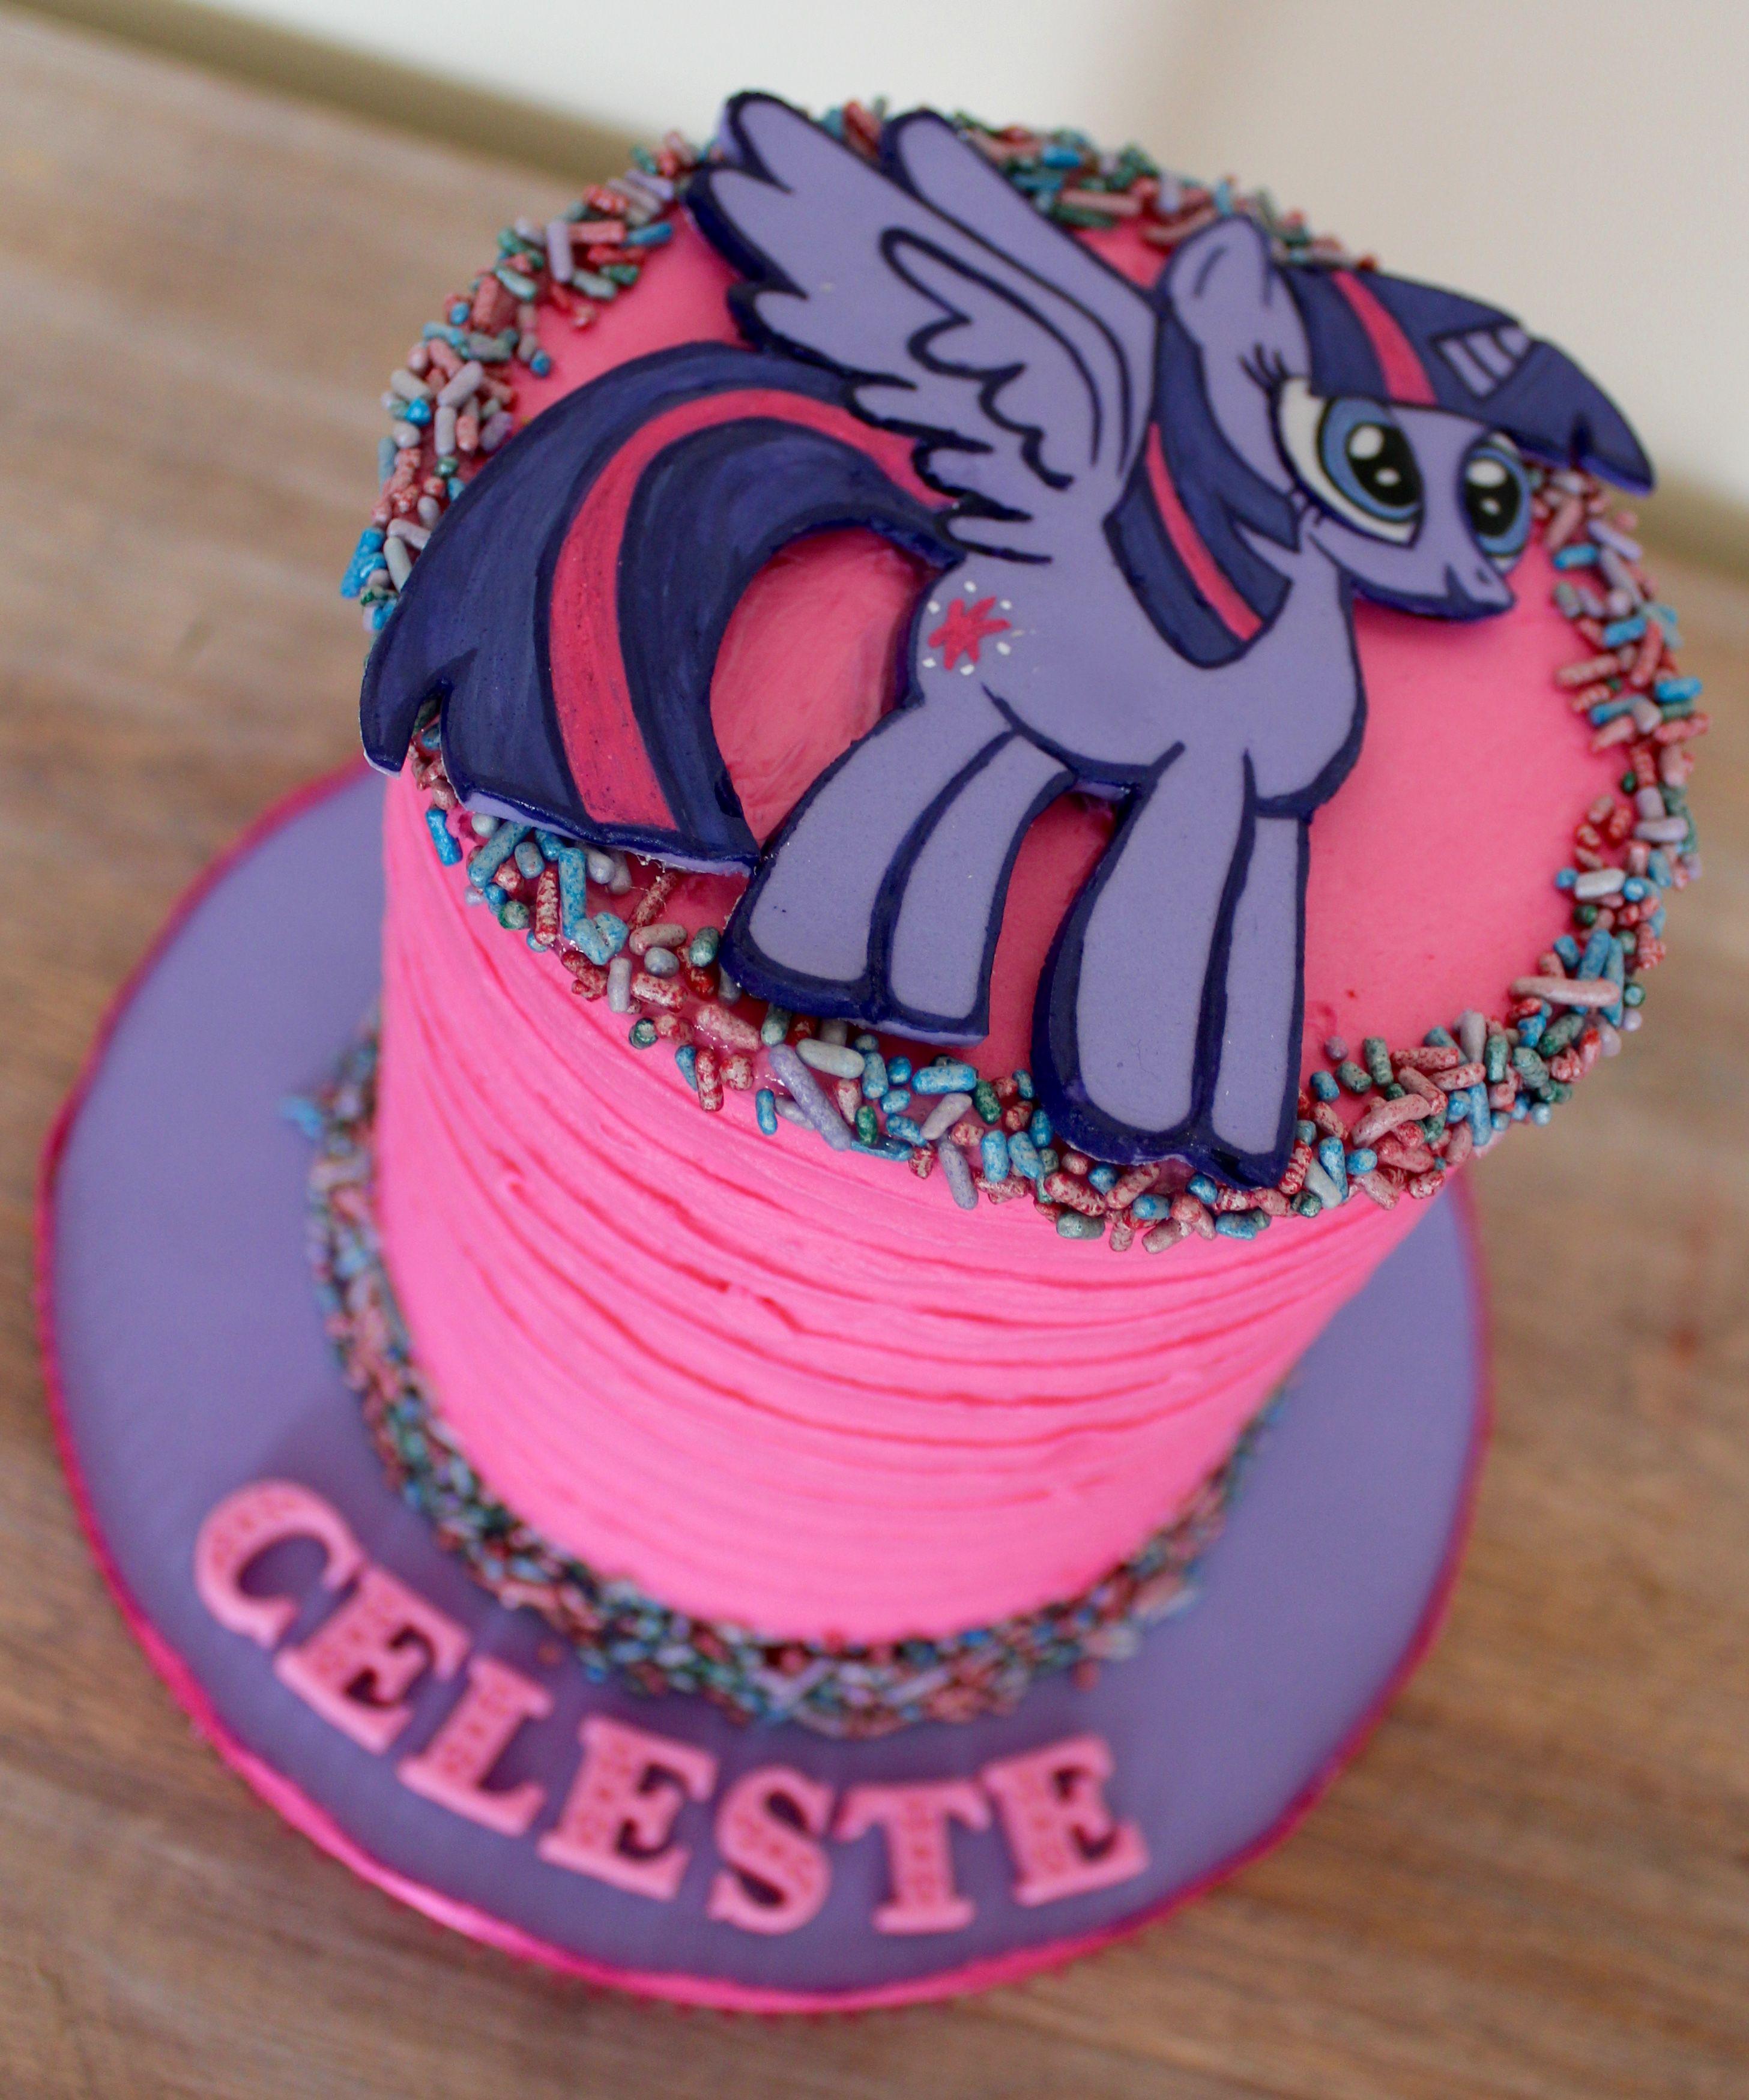 My Little Pony Mini Cake Smash Cake Twilight Sparkle